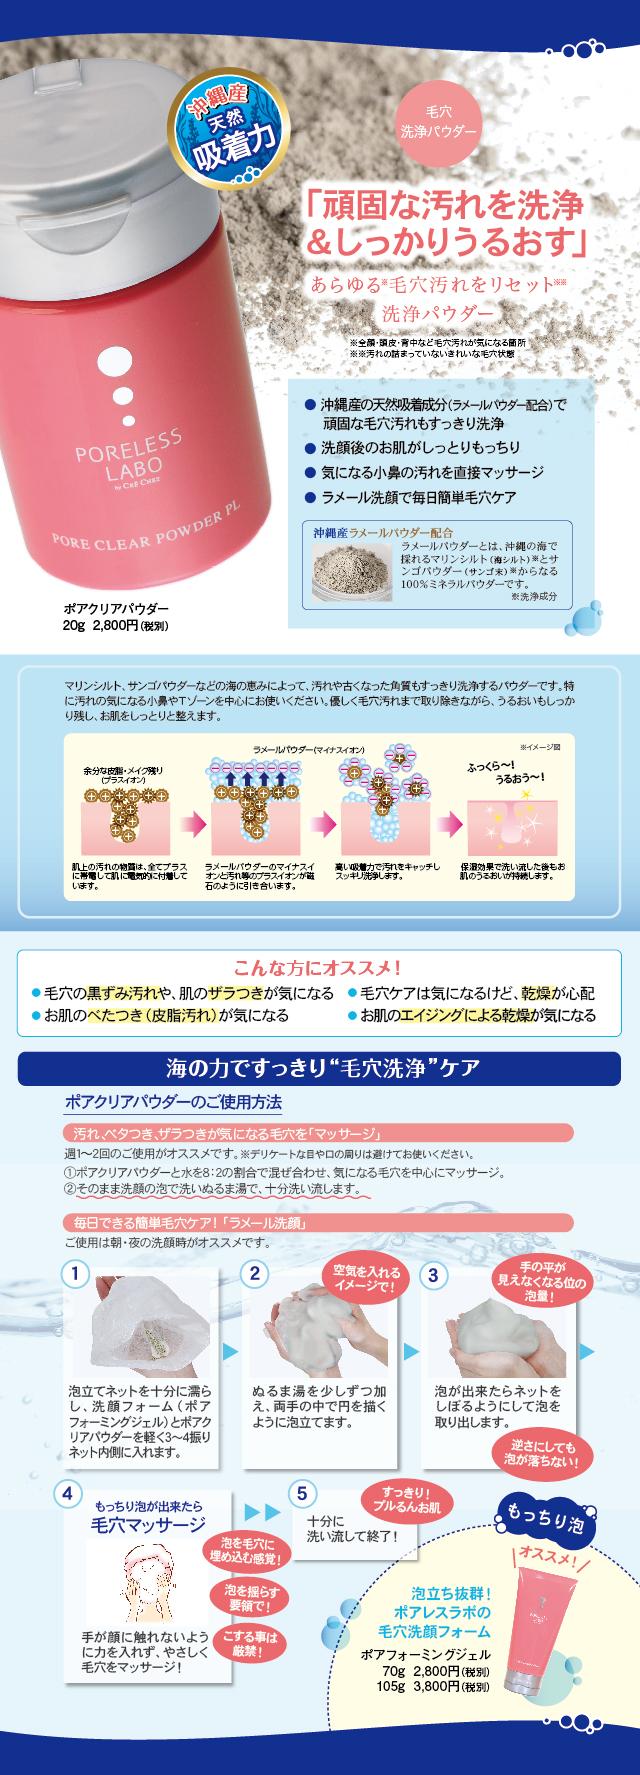 毛穴洗浄&うるおす ポアクリアパウダーの詳細情報です